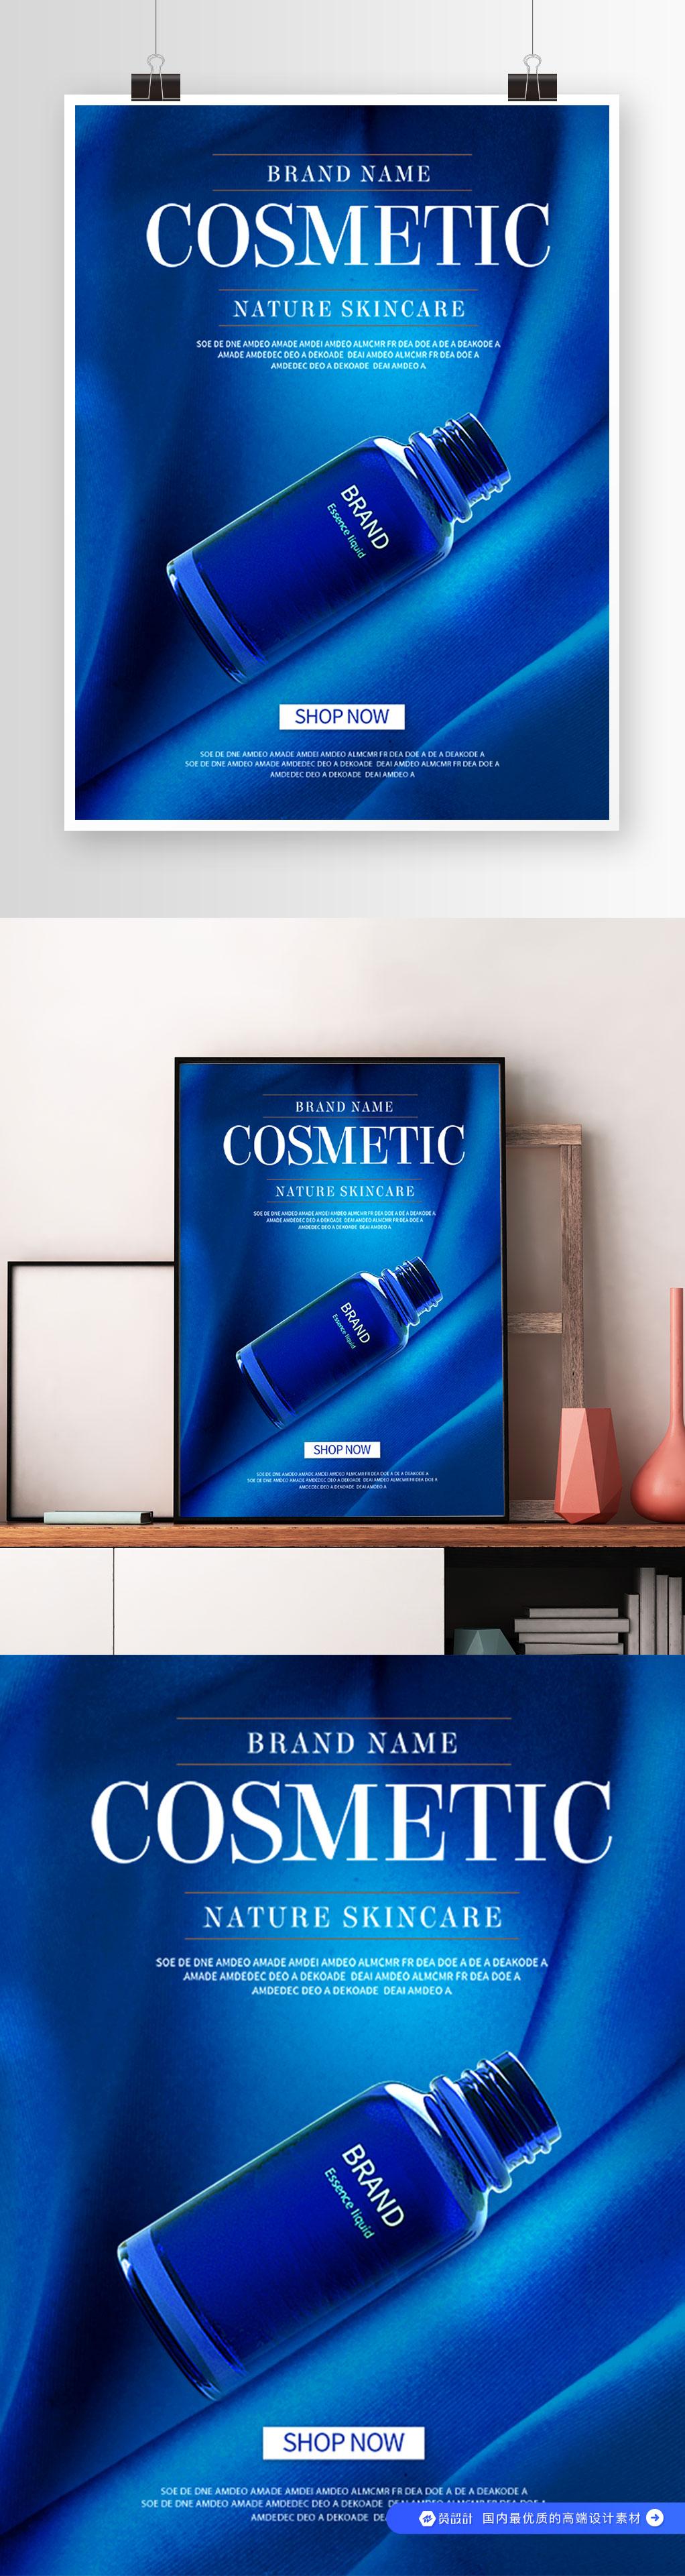 蓝色丝绸背景精华液护肤品海报设计素材